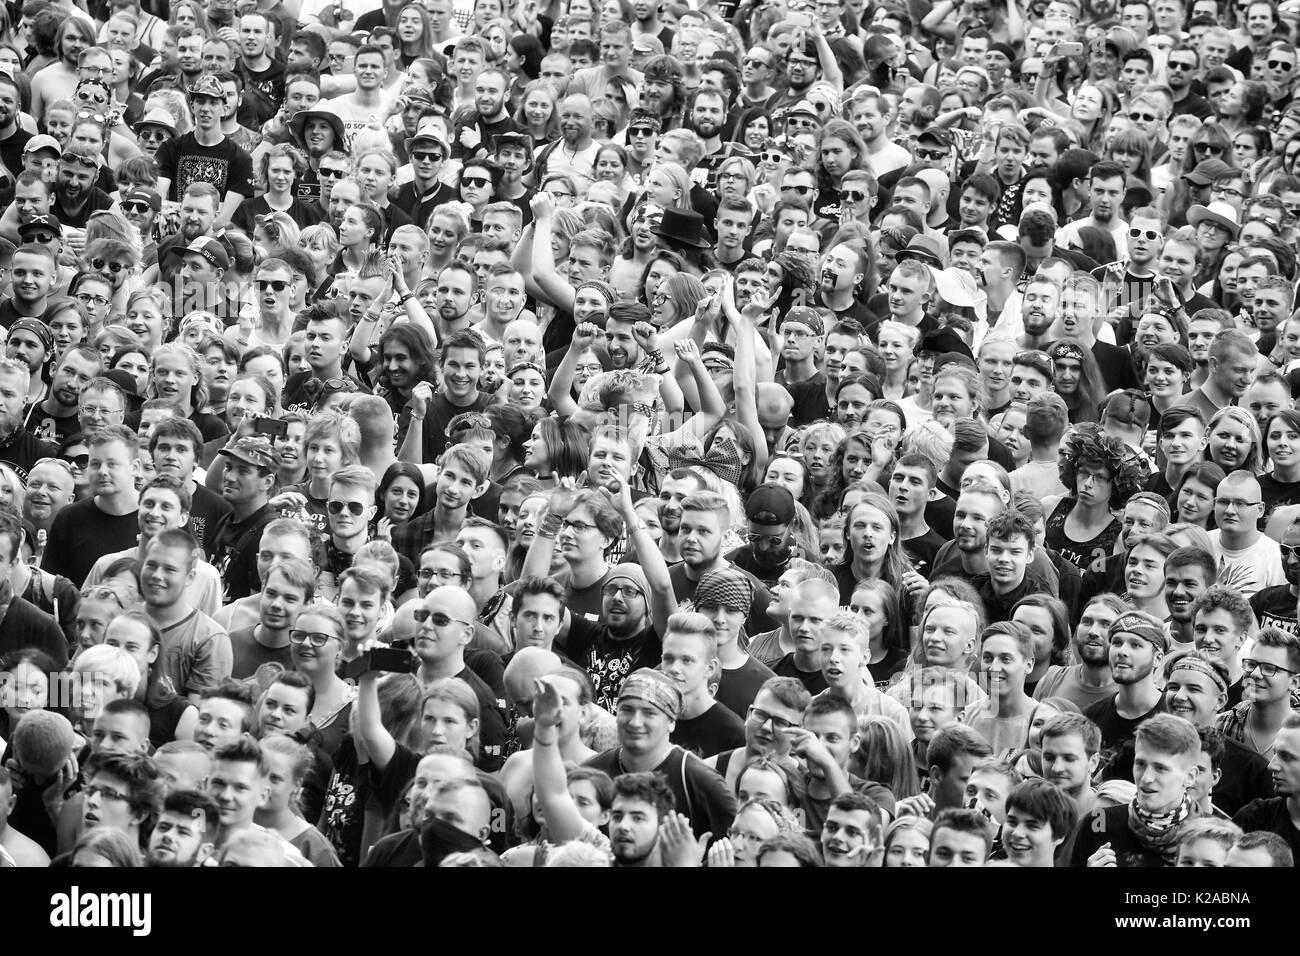 Kostrzyn, Polonia - Agosto 05, 2017: la multitud que aplaudía a un concierto durante el 23º Festival de Woodstock en Polonia. Imagen De Stock